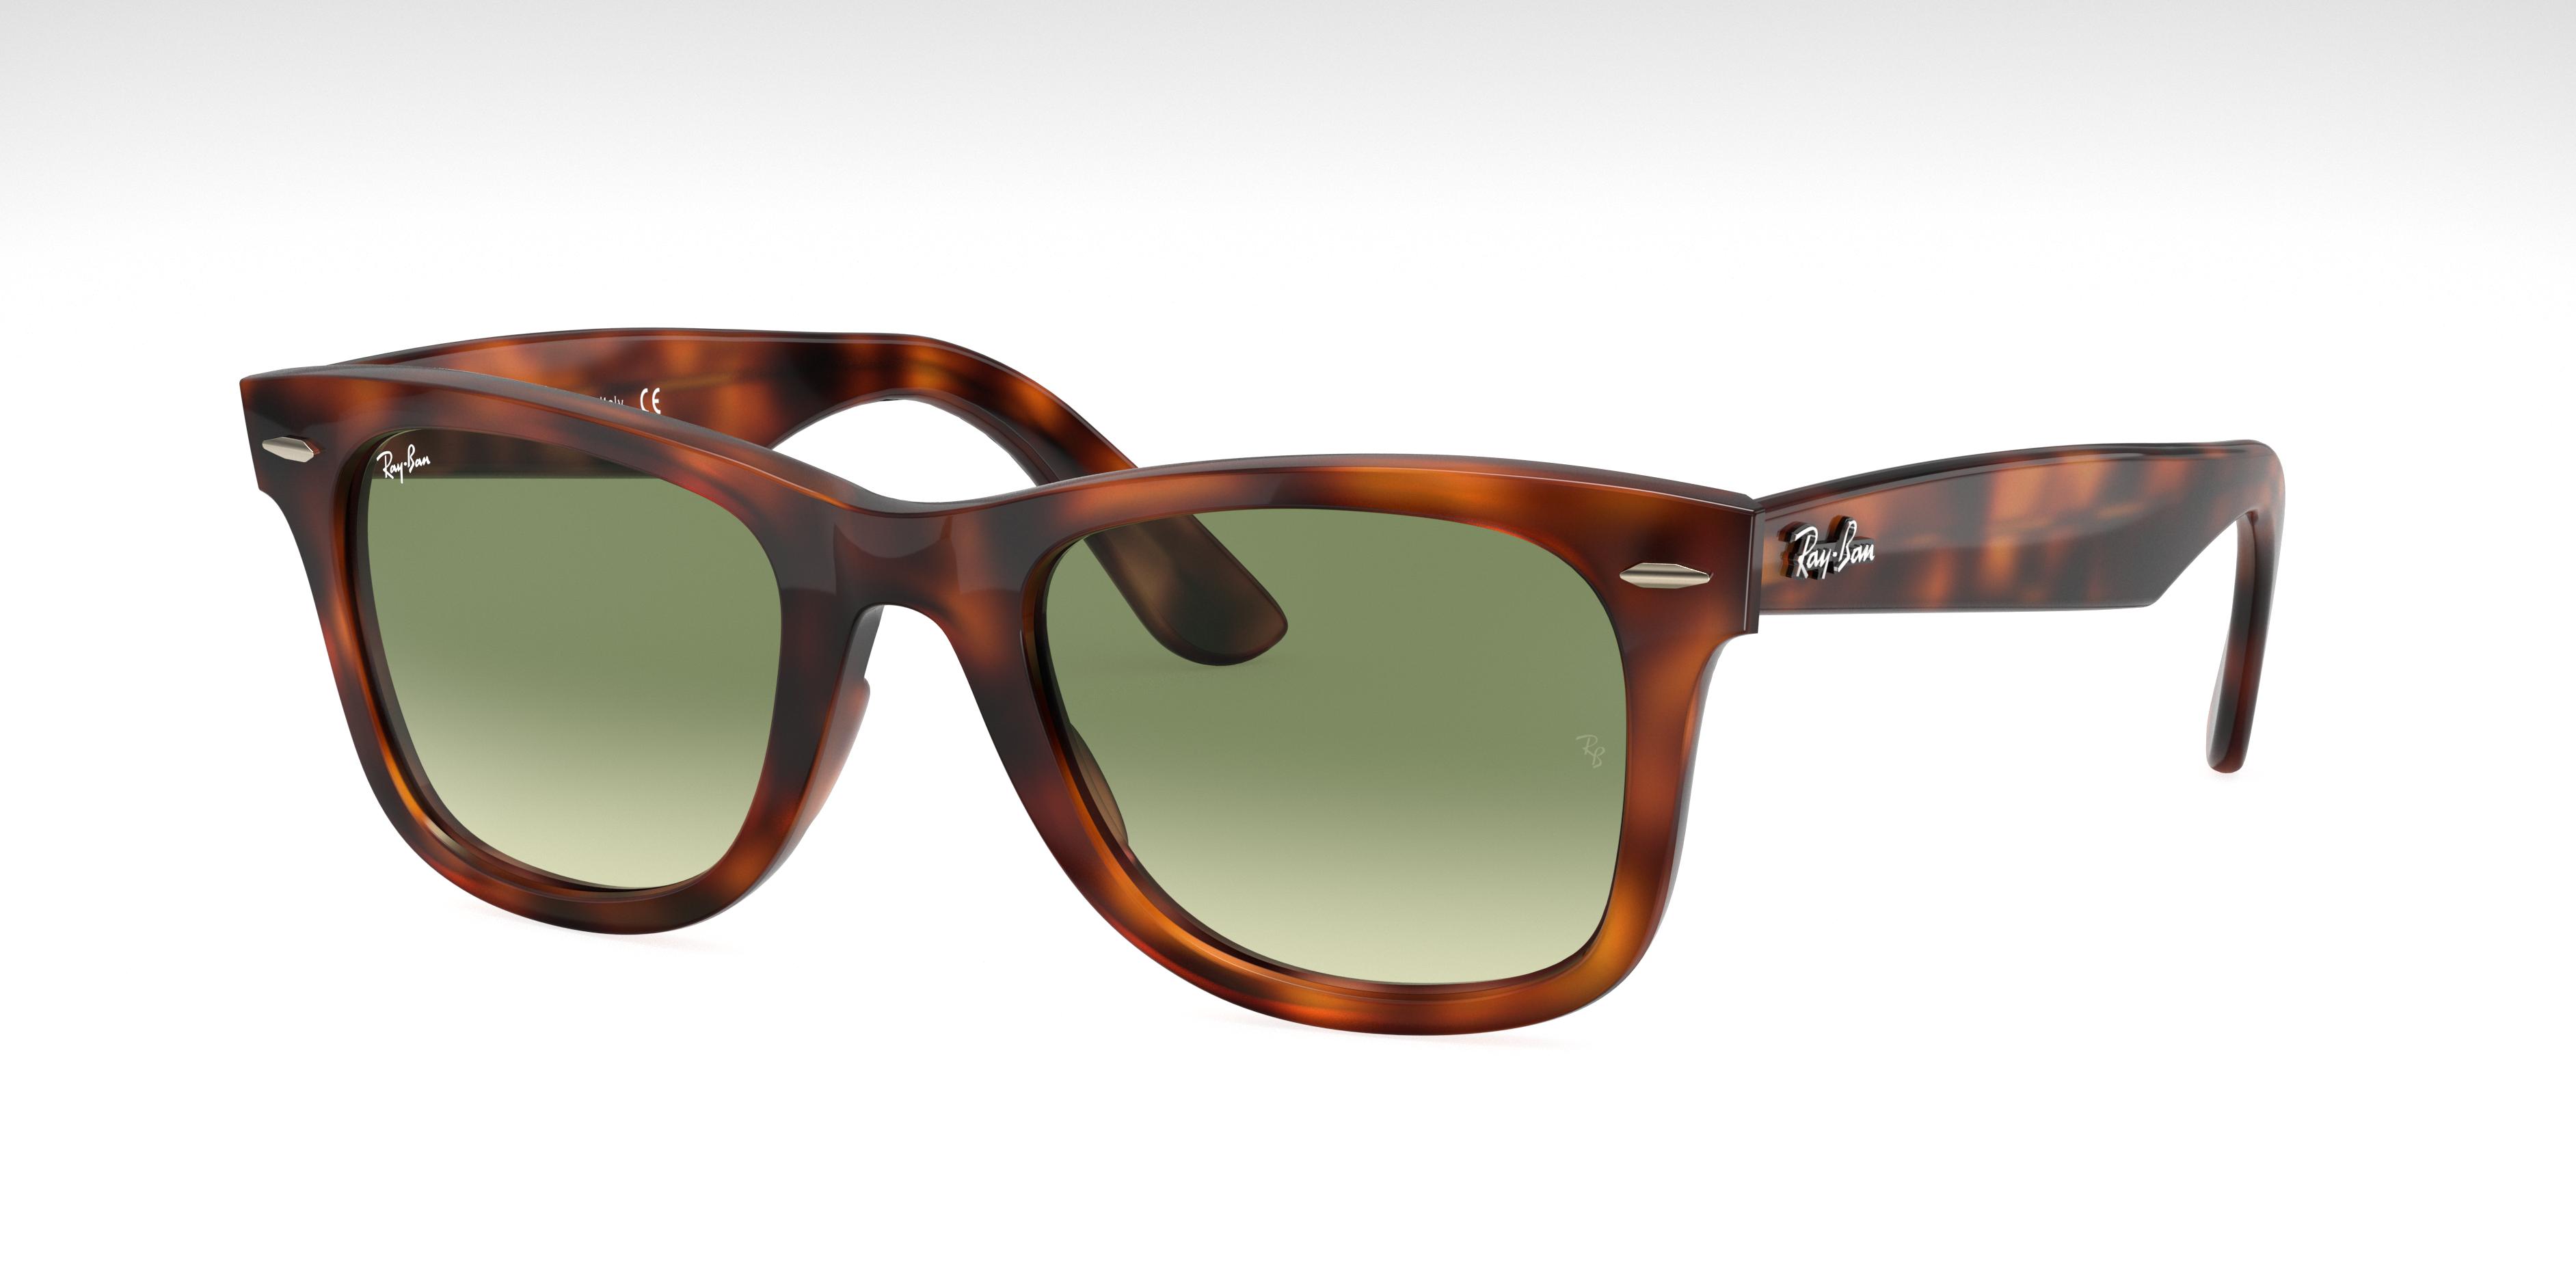 Ray-Ban Wayfarer Ease Tortoise, Green Lenses - RB4340